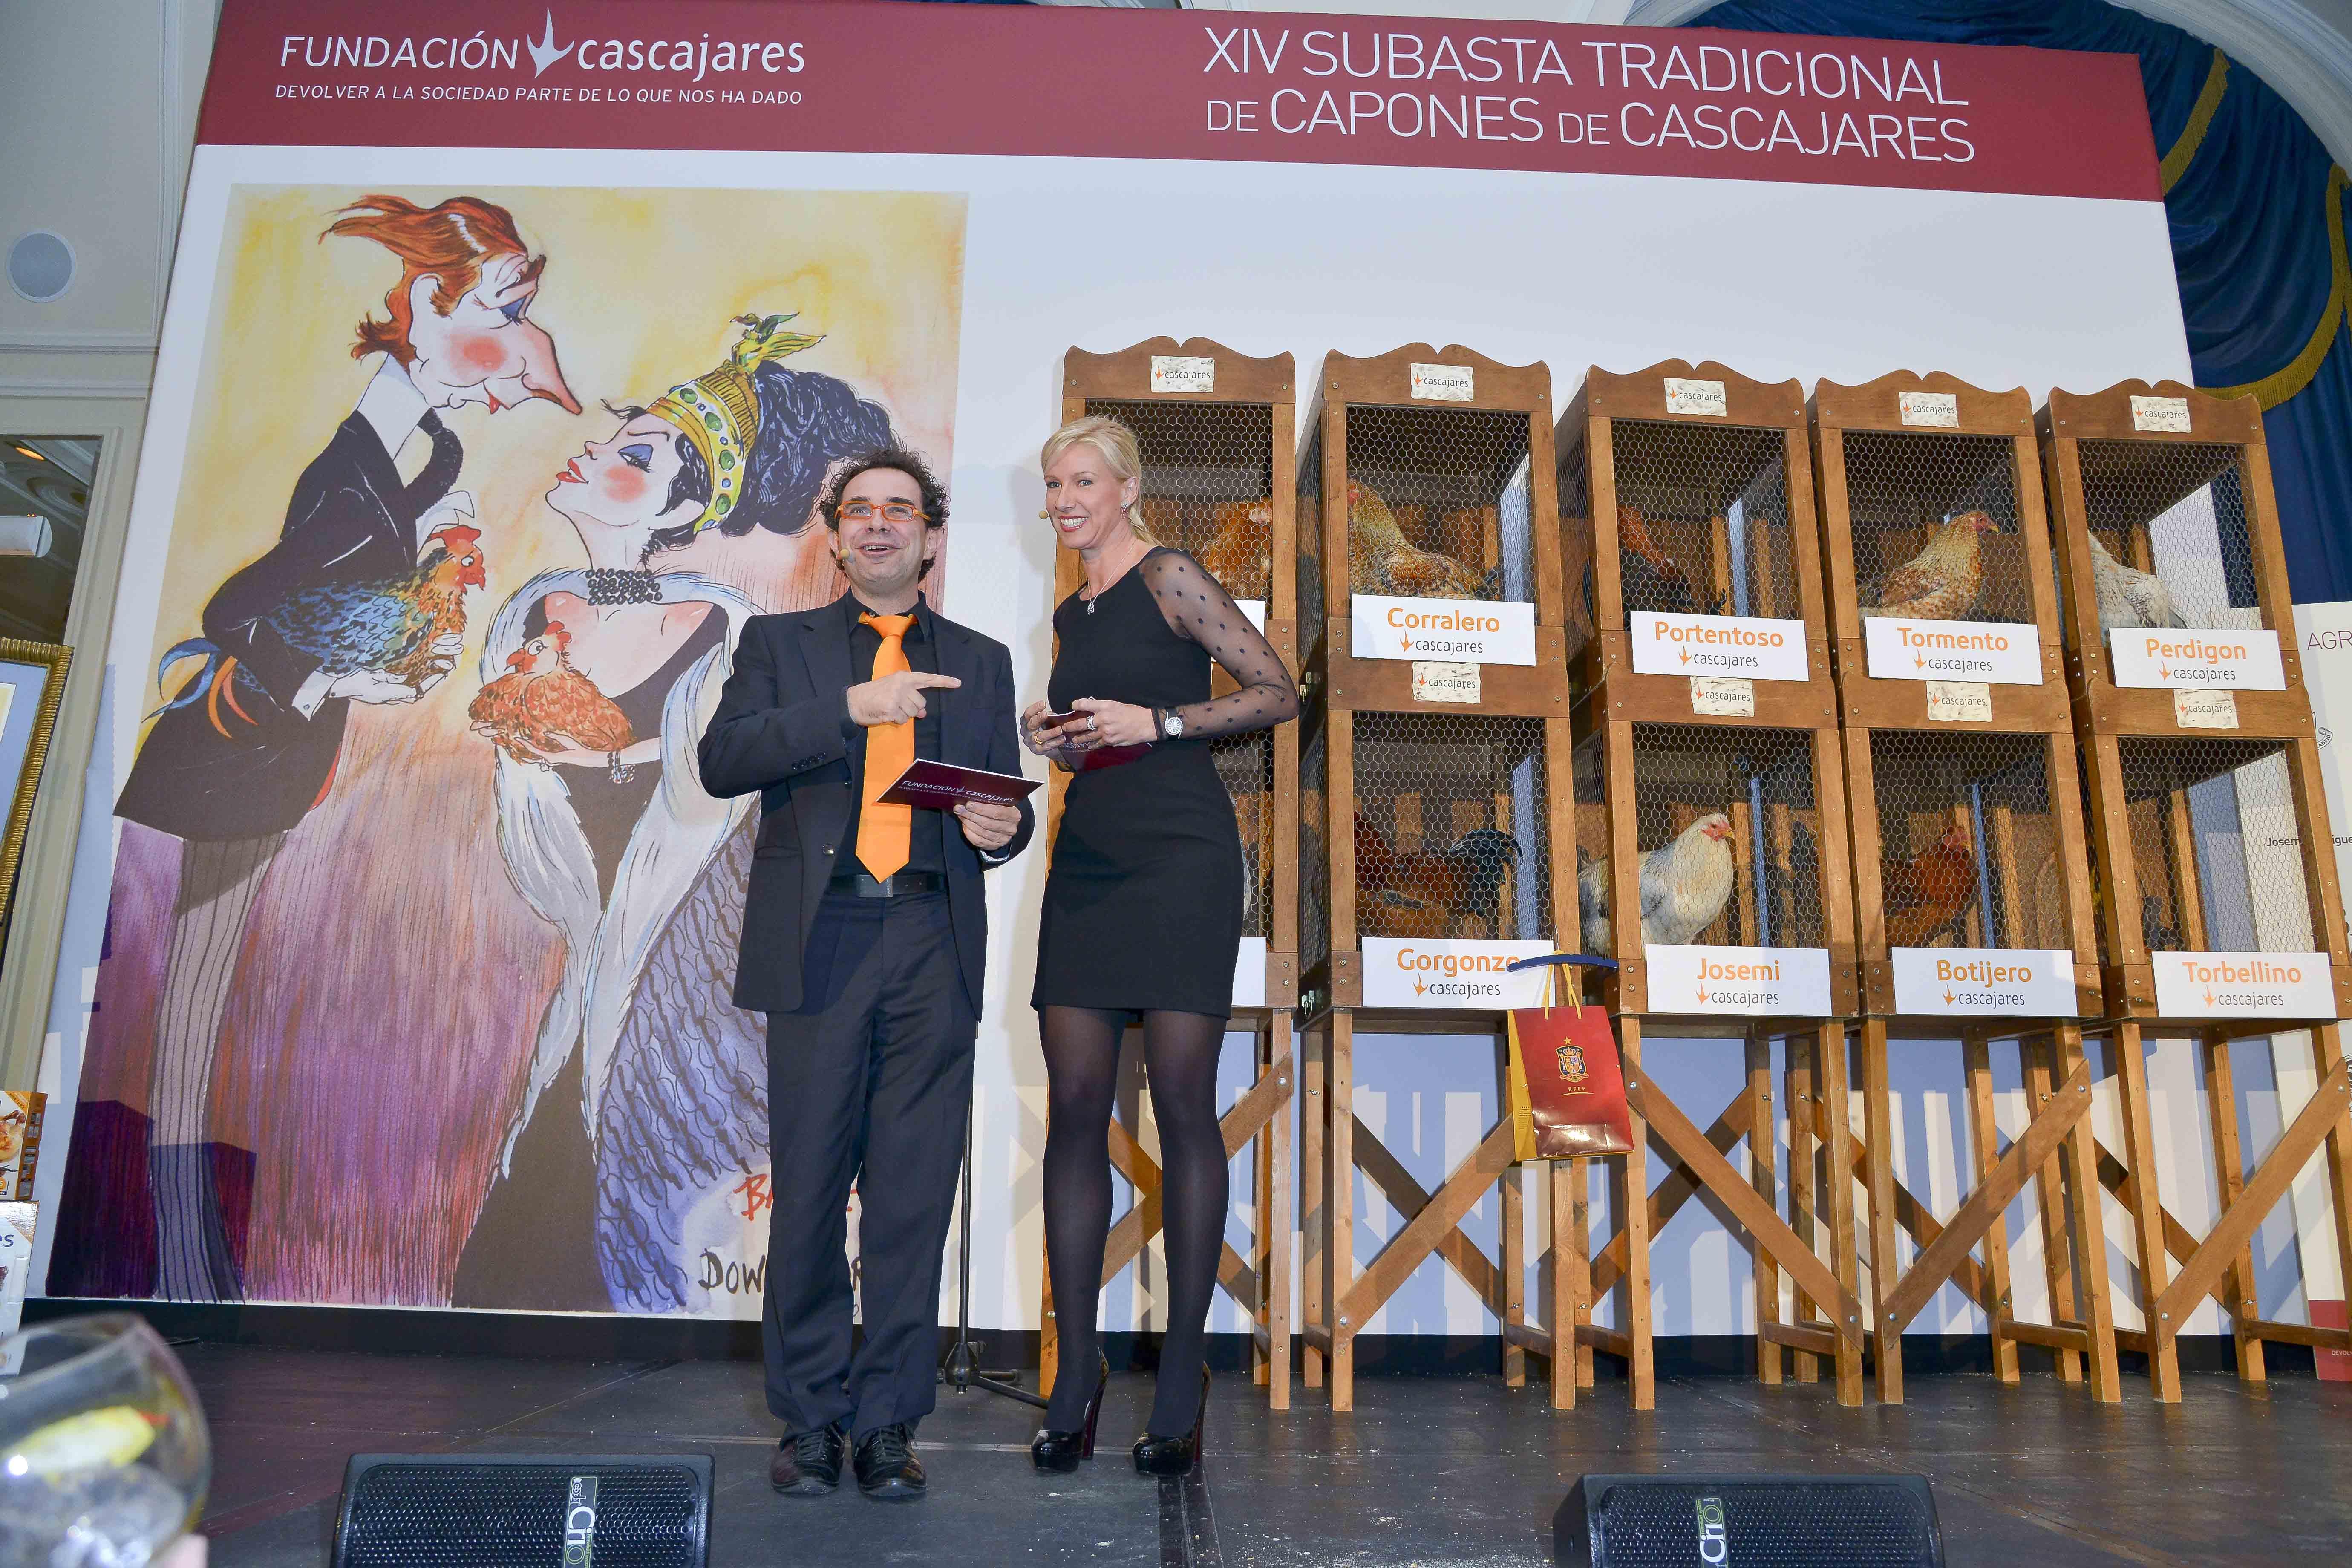 Anne Igartiburu y el Mago More presentando la Subasta de Capones de Cascajares